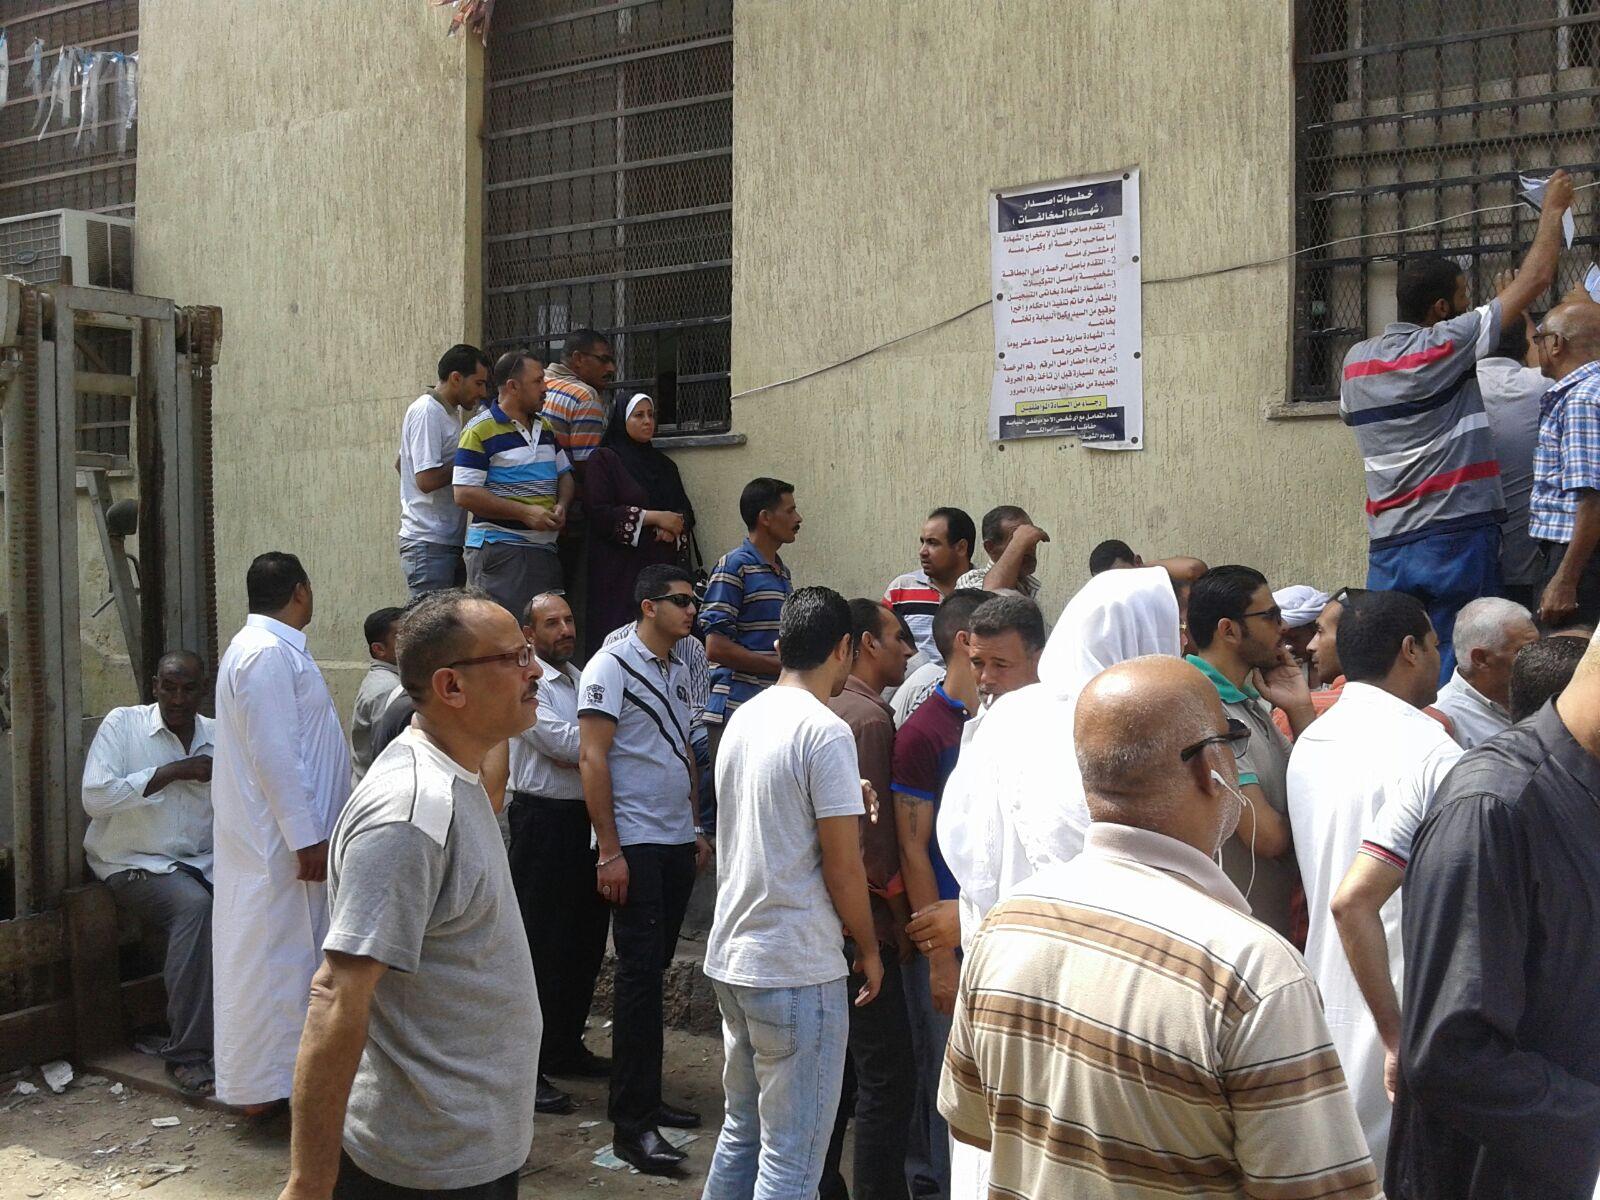 على شباك مخالفات المرور بالإسكندرية.. خليك في الزحمة أو «ادفع واقعد ع القهوة»